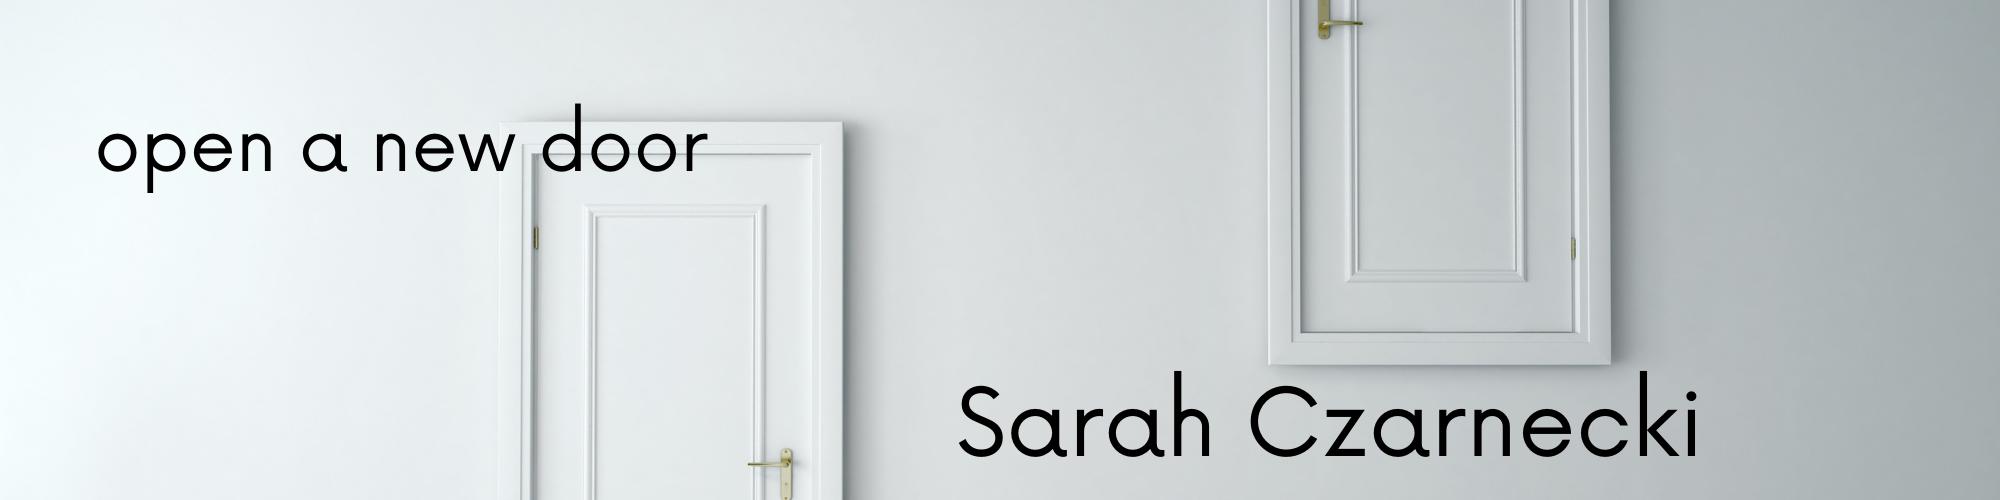 Sarah Czarnecki